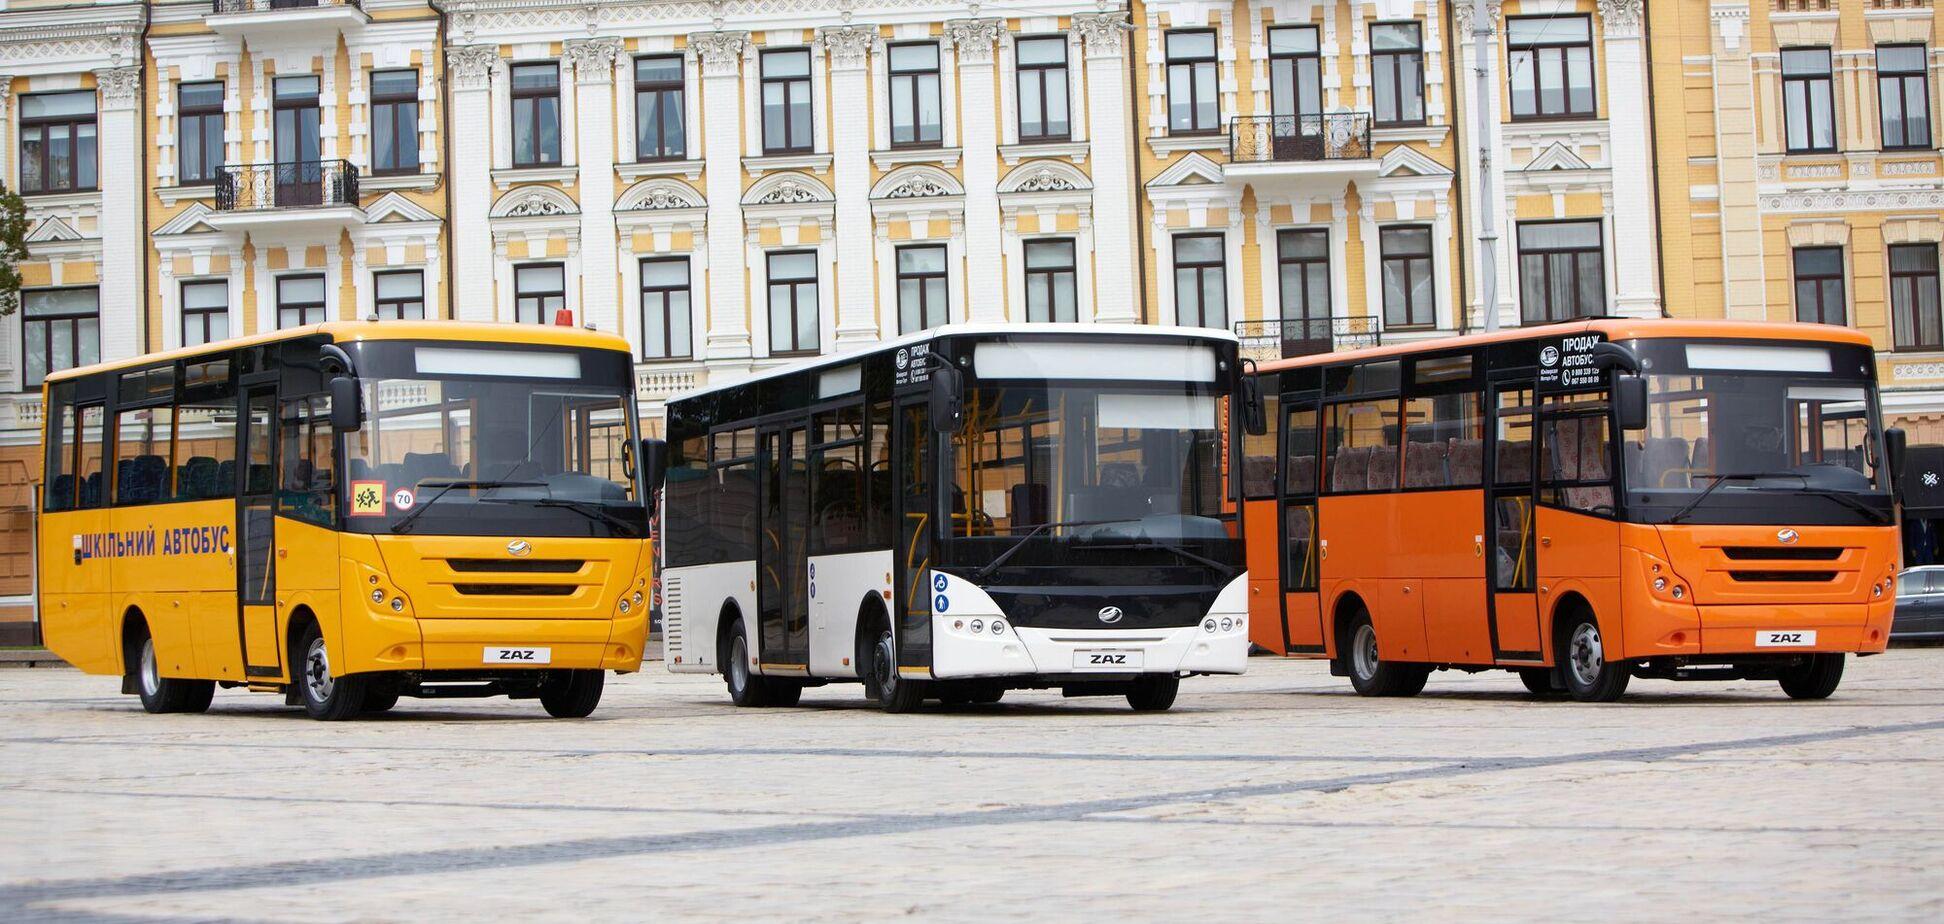 Вскоре в европейских городах на линиях общественного транспорта появятся автобусы украинского производства